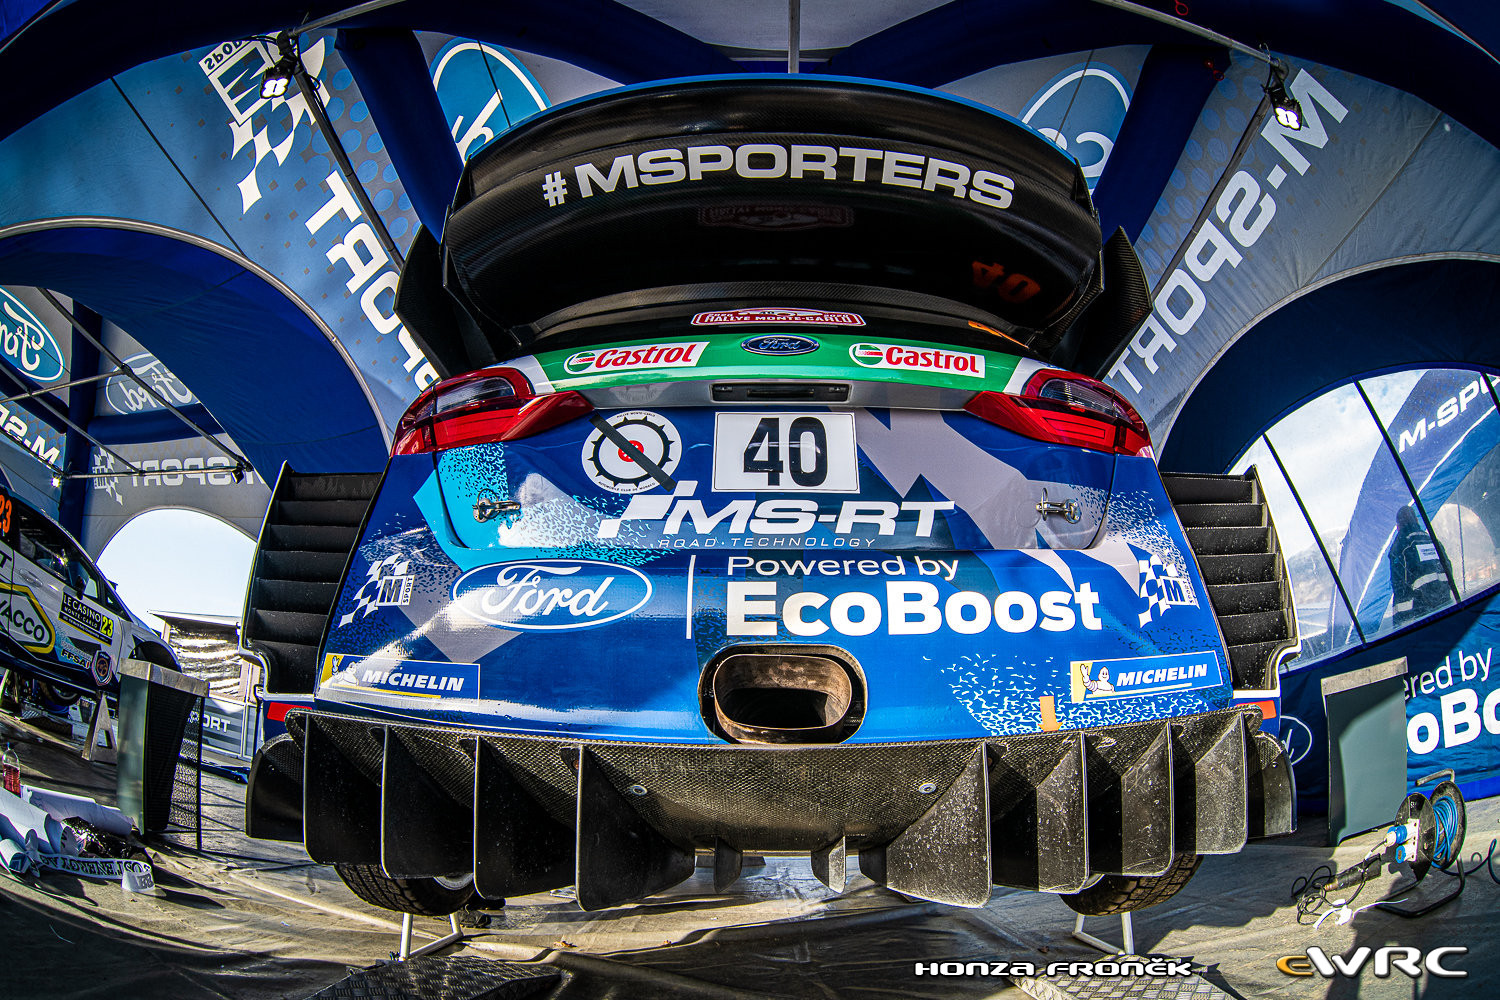 WRC: 88º Rallye Automobile de Monte-Carlo [20-26 de Enero] - Página 3 Hfr_dsc_6830